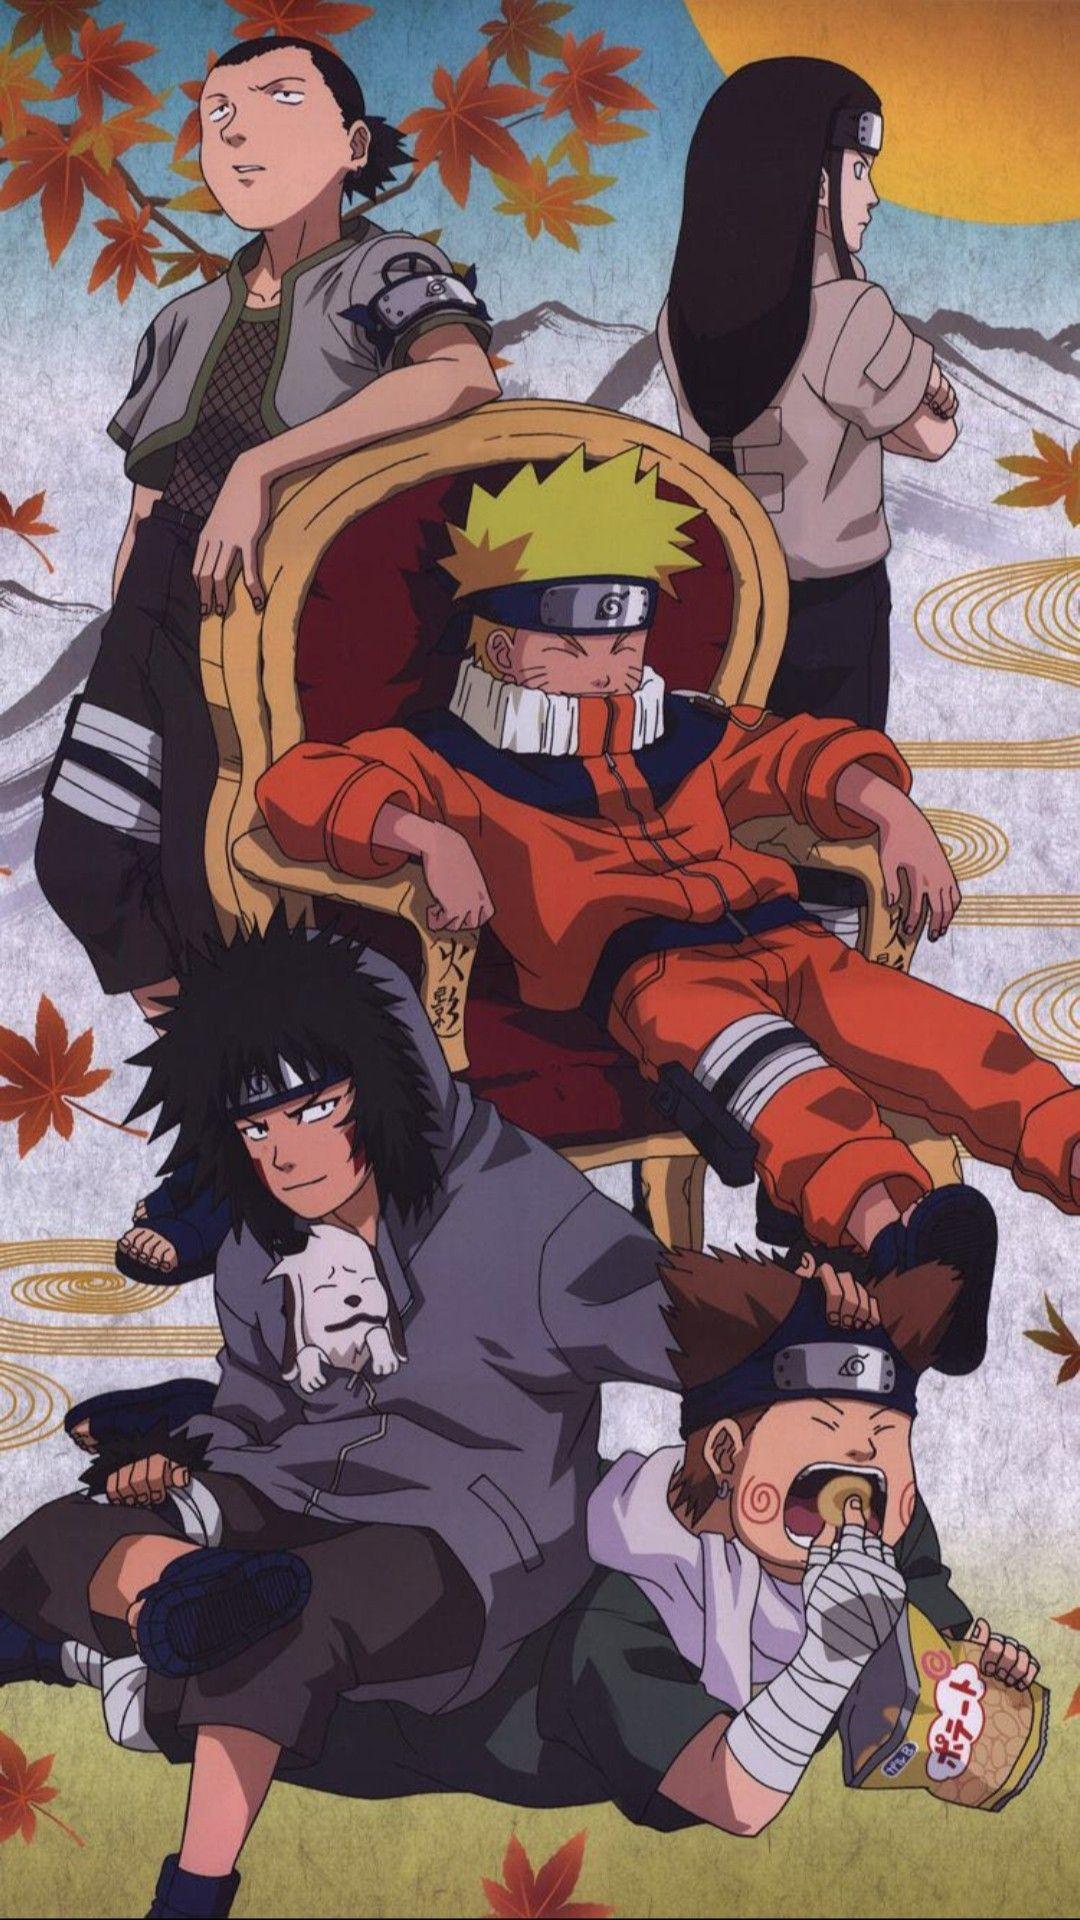 Fond D Ecran Kiba Inuzuka Choji Akimichi Naruto Uzumaki Shikamaru Nara Neji Hyuga In 2020 Shikamaru Wallpaper Anime Fan Art